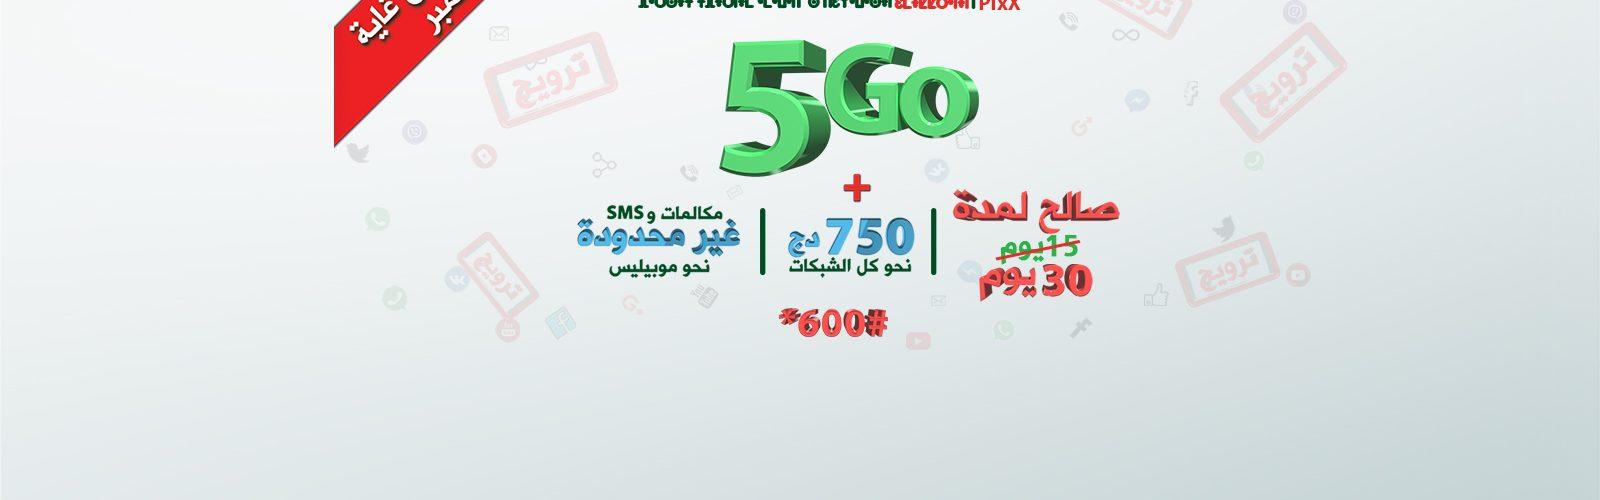 موبيليس تحدث عرض Pixx 500 بمزايا إضافية